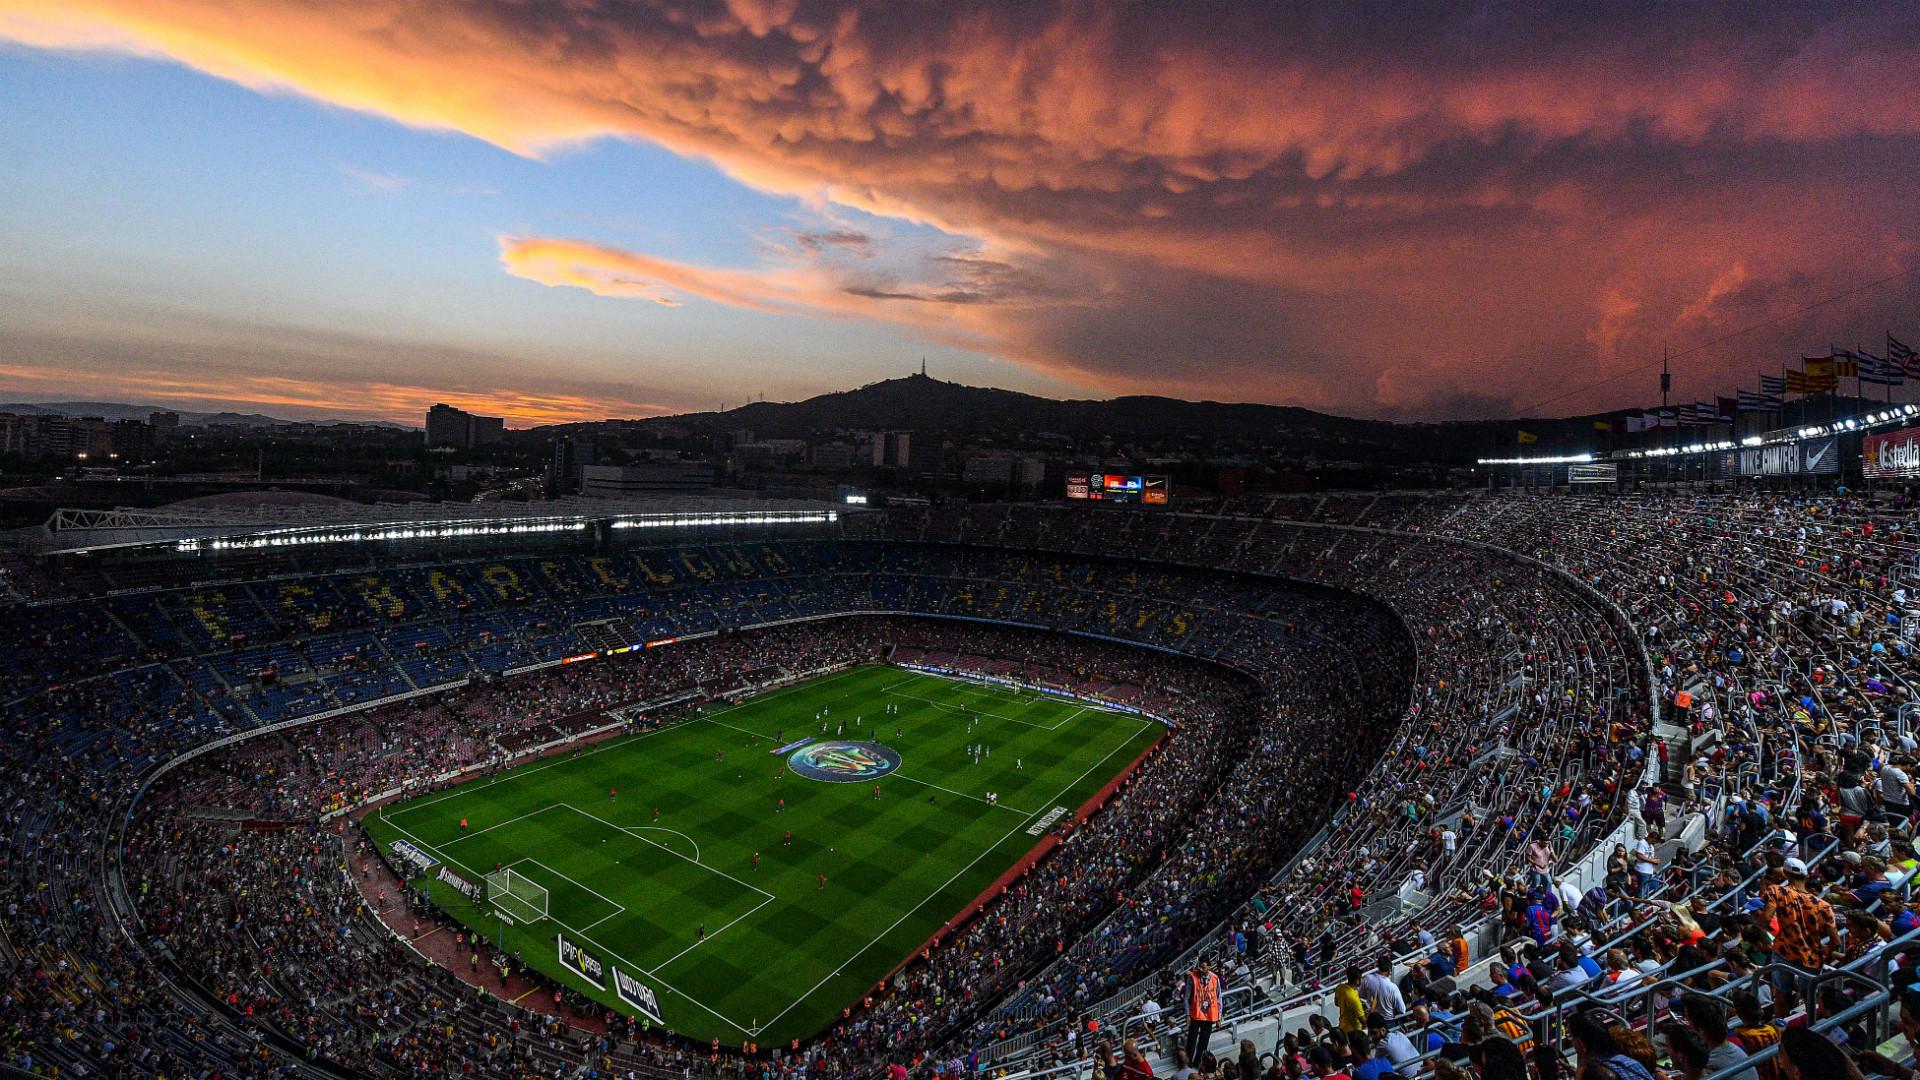 Les joueurs du Barça rendent hommage aux victimes de l'attentat